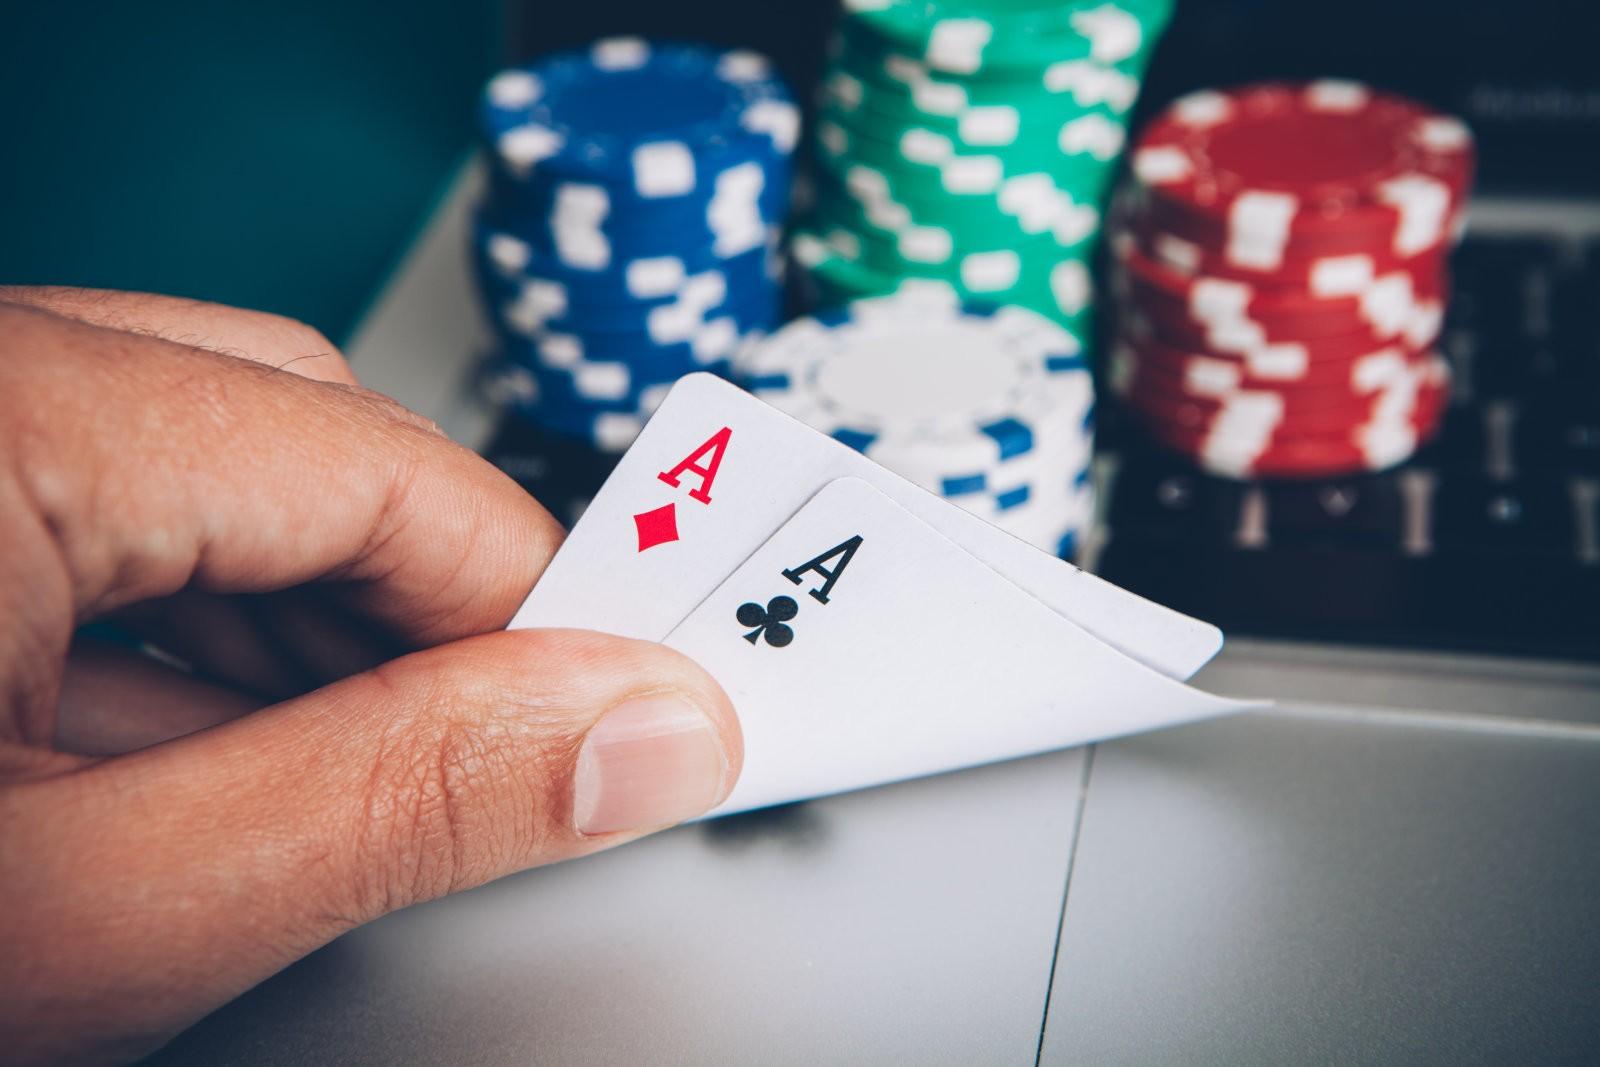 Искусственный интеллект выиграл $2 млн в покер